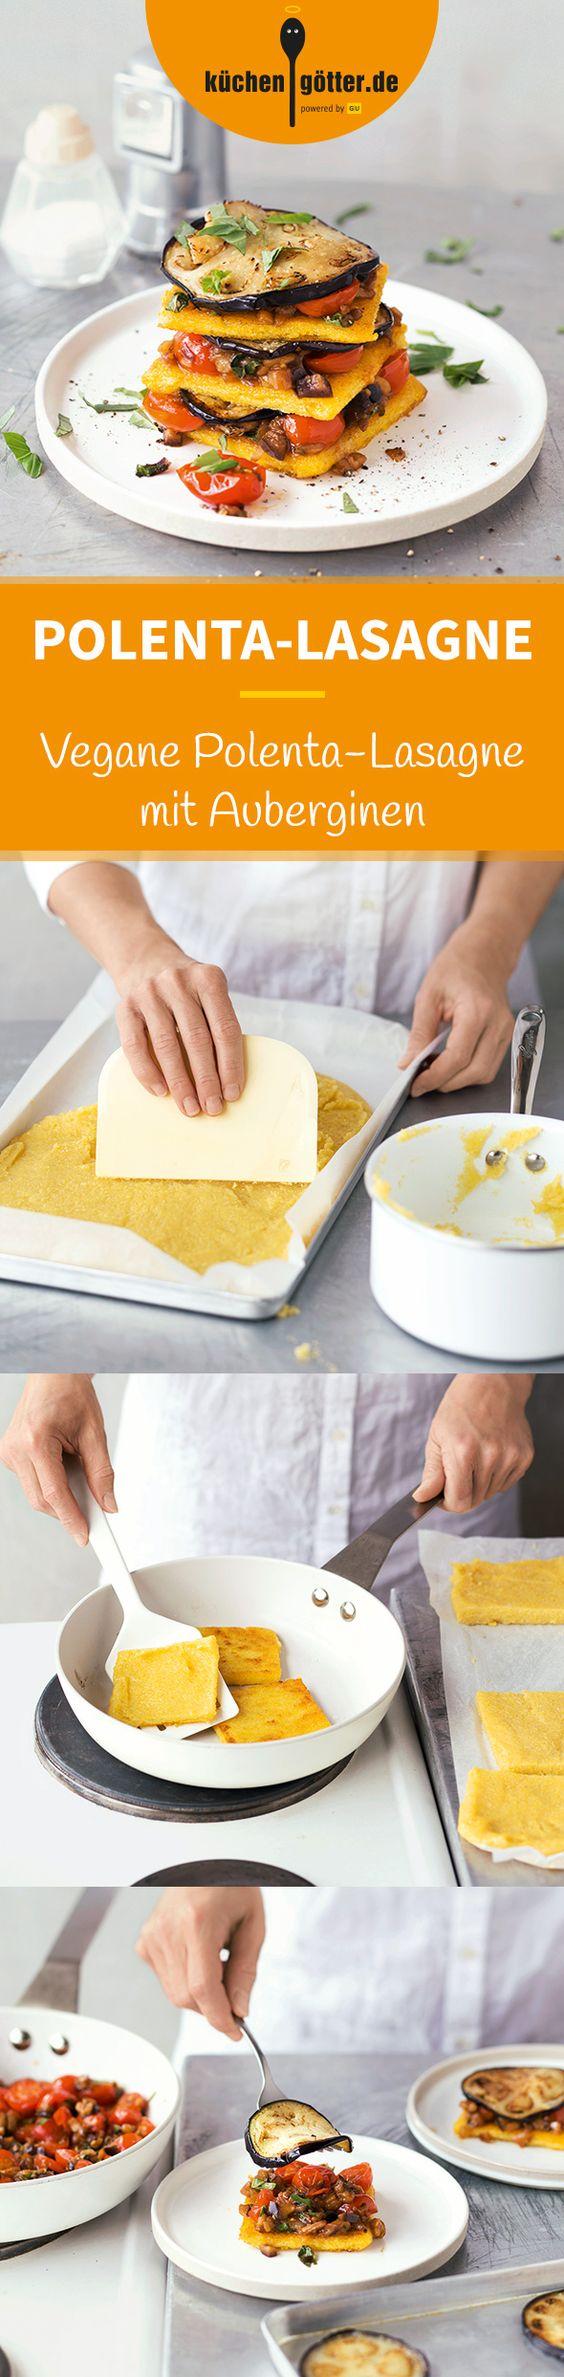 POLENTA-LASAGNE MIT AUBERGINEN - Schicht für Schicht ein Genus: Hier kommt unsere vegane Neuinterpretation des italienischen Klassikers – nicht nur ohne tierische Produkte, sondern auch ohne Lasagneplatten. Hier spielt Polenta die köstliche Hauptrolle!